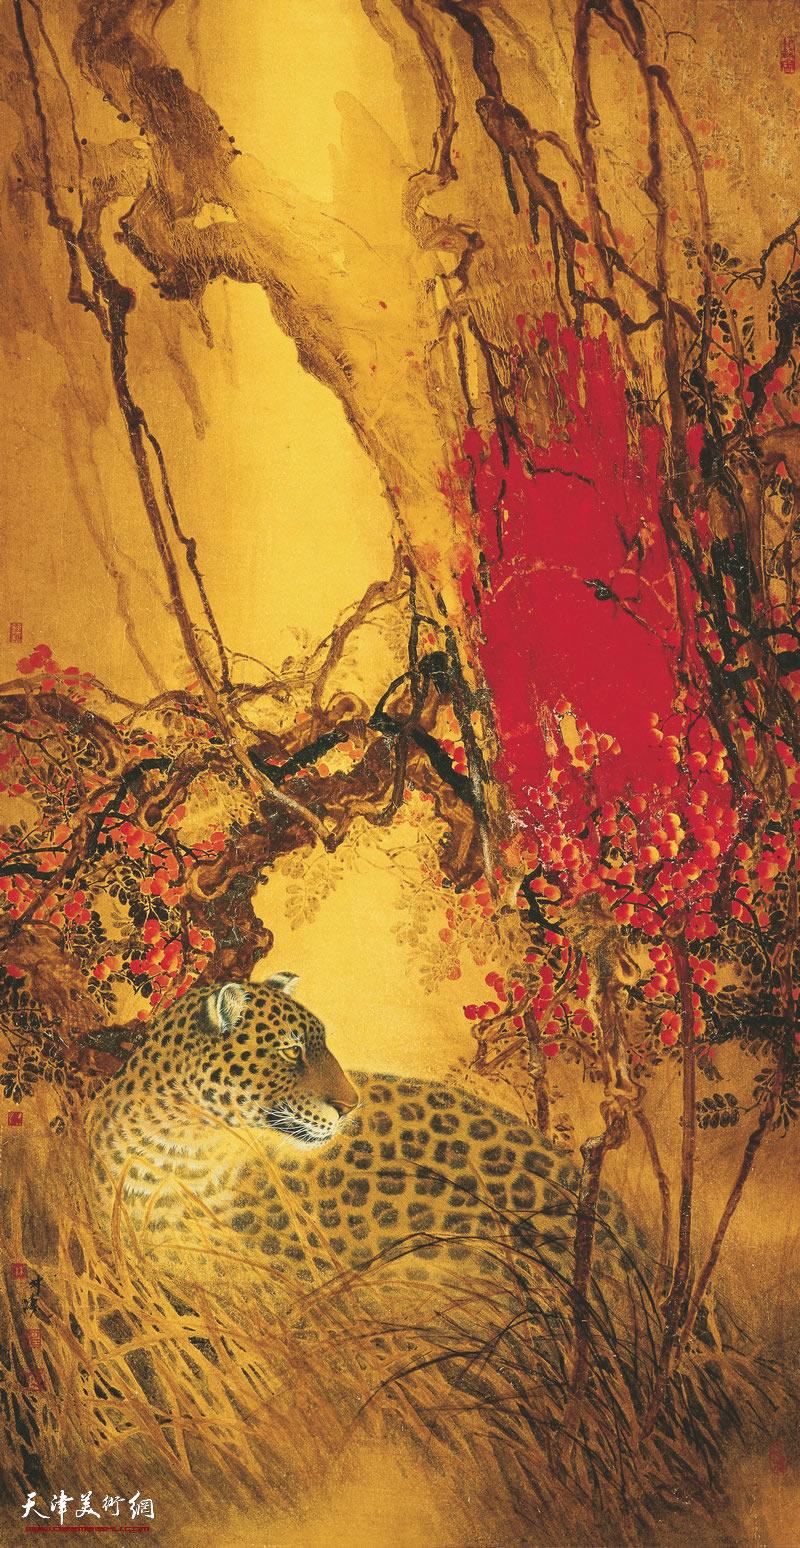 36 林涛 山到秋深红更多 175cm×90cm